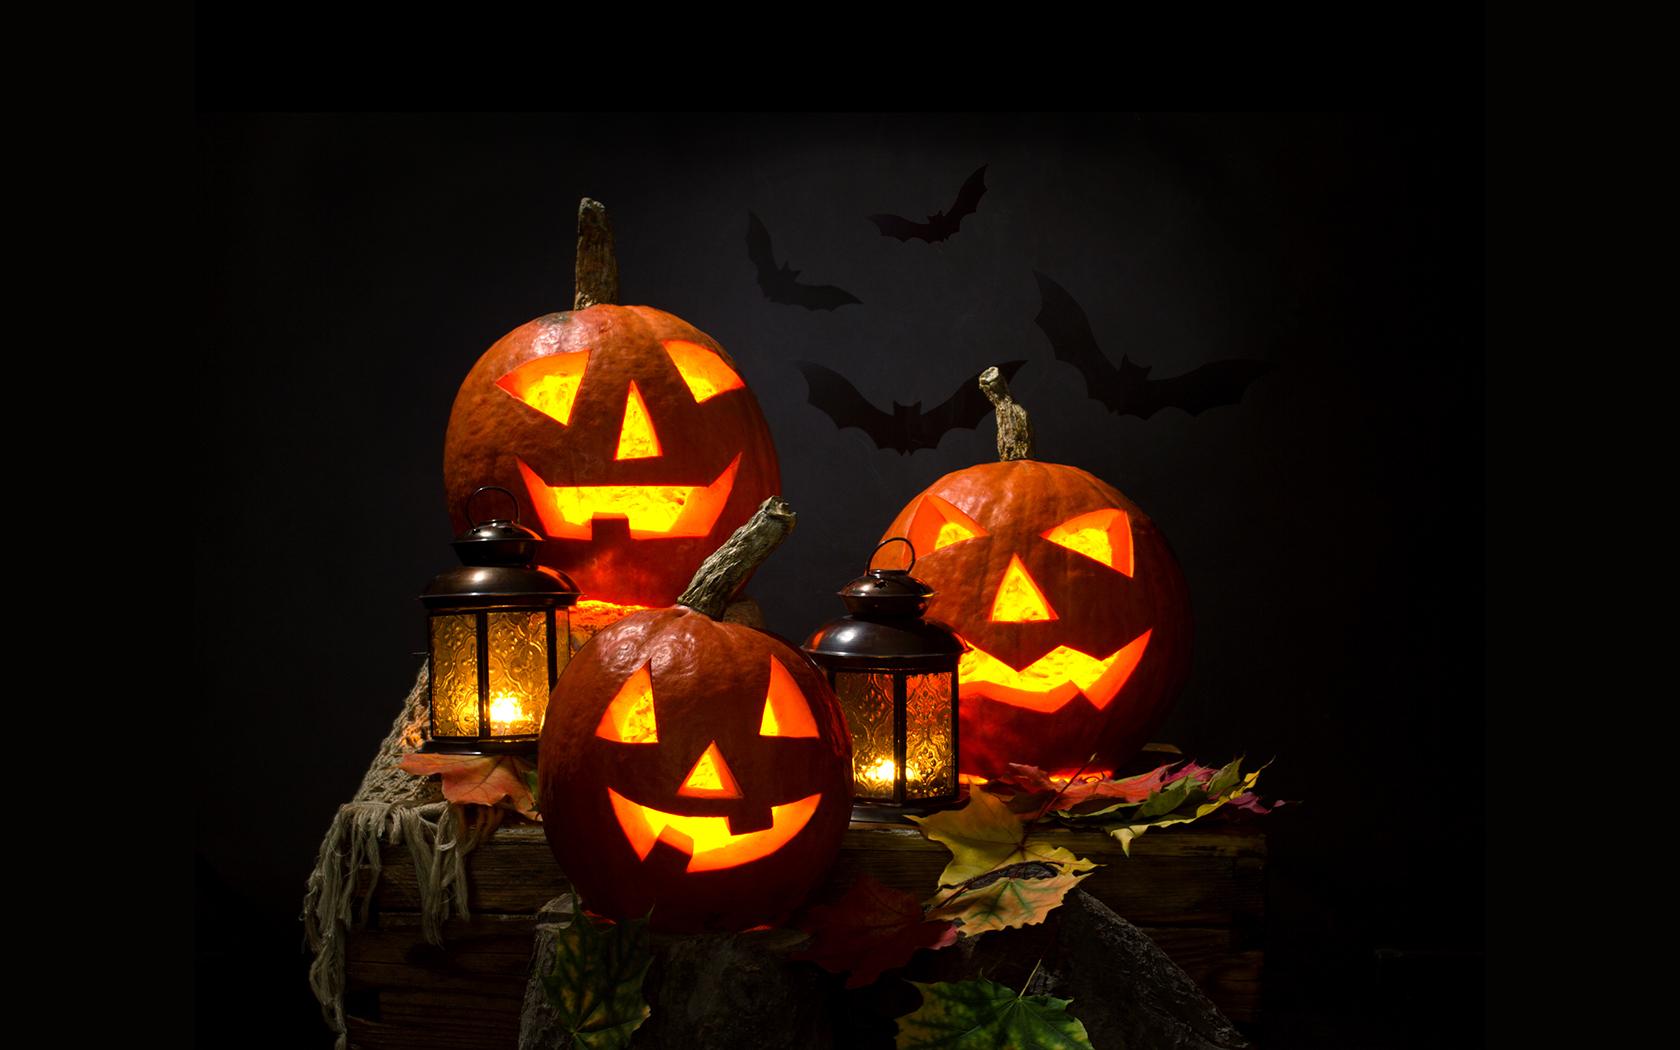 entrevista explica porque los cristianos no deben celebrar halloween